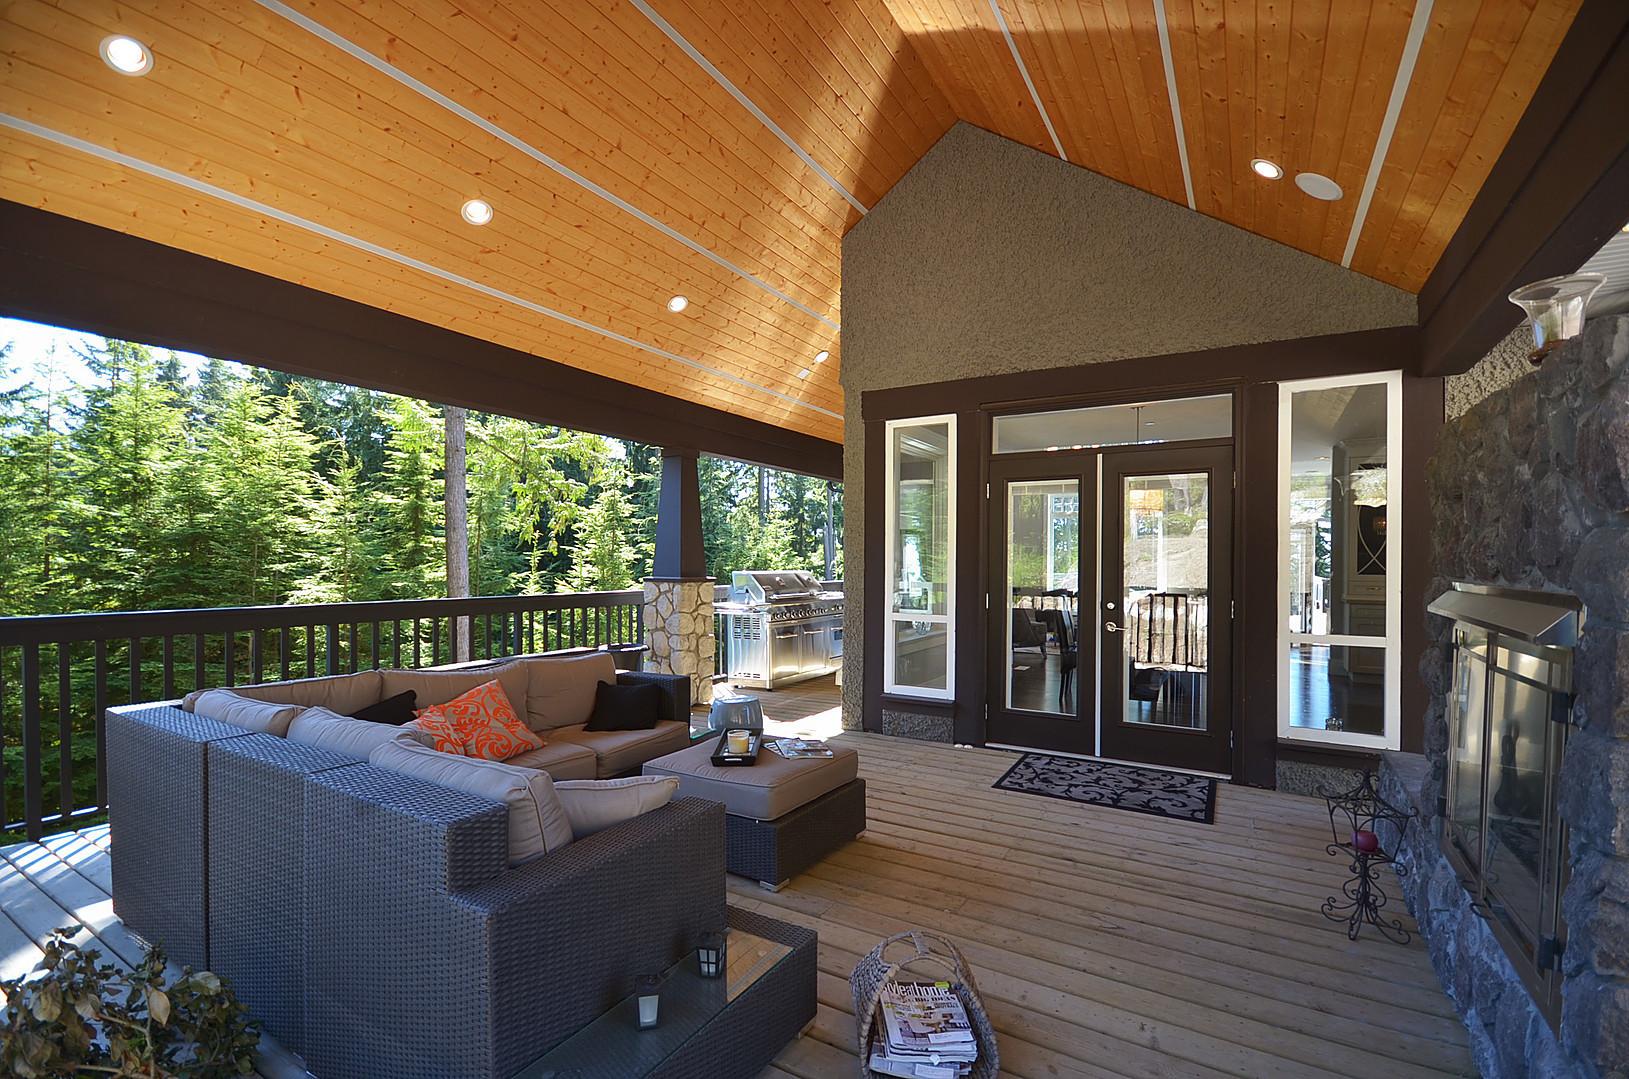 Estate home | Balcony 2 - M8TRIX5.com Development